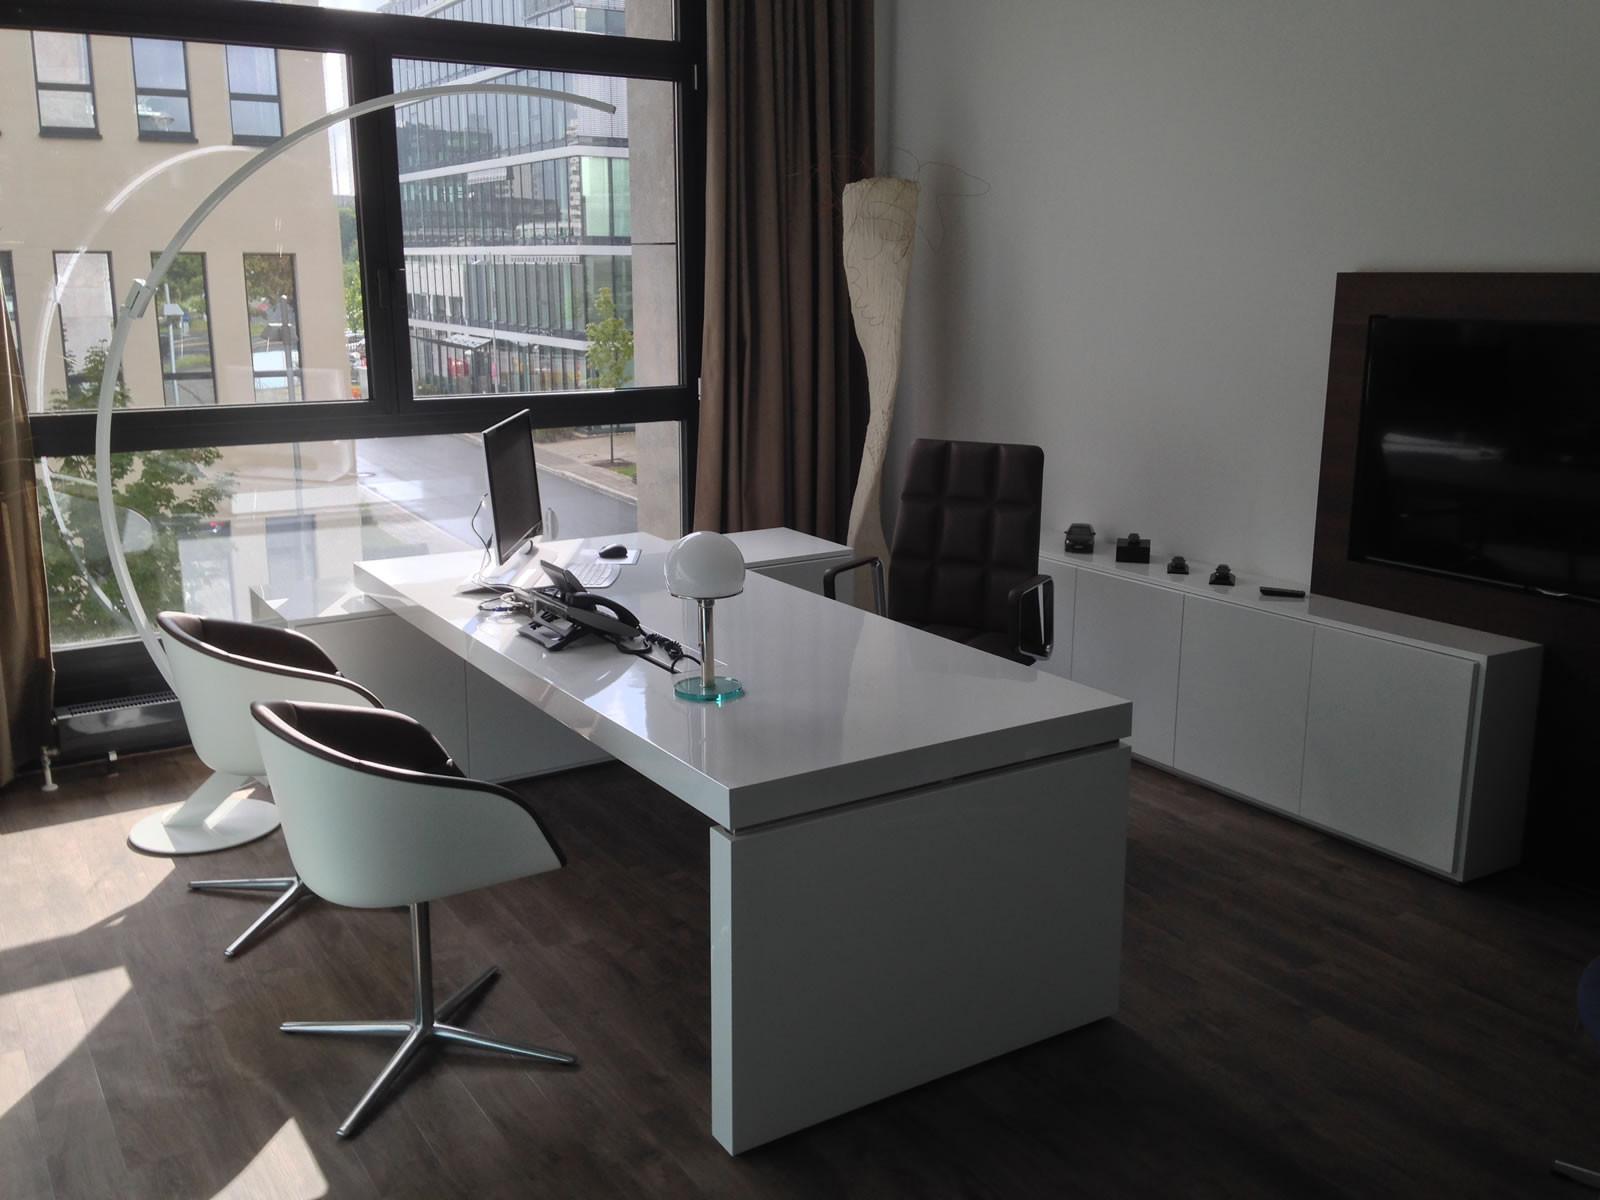 Schreibtisch Design  BÜRO SCHREIBTISCH PRAEFECTUS – moderne Büro Schreibtische